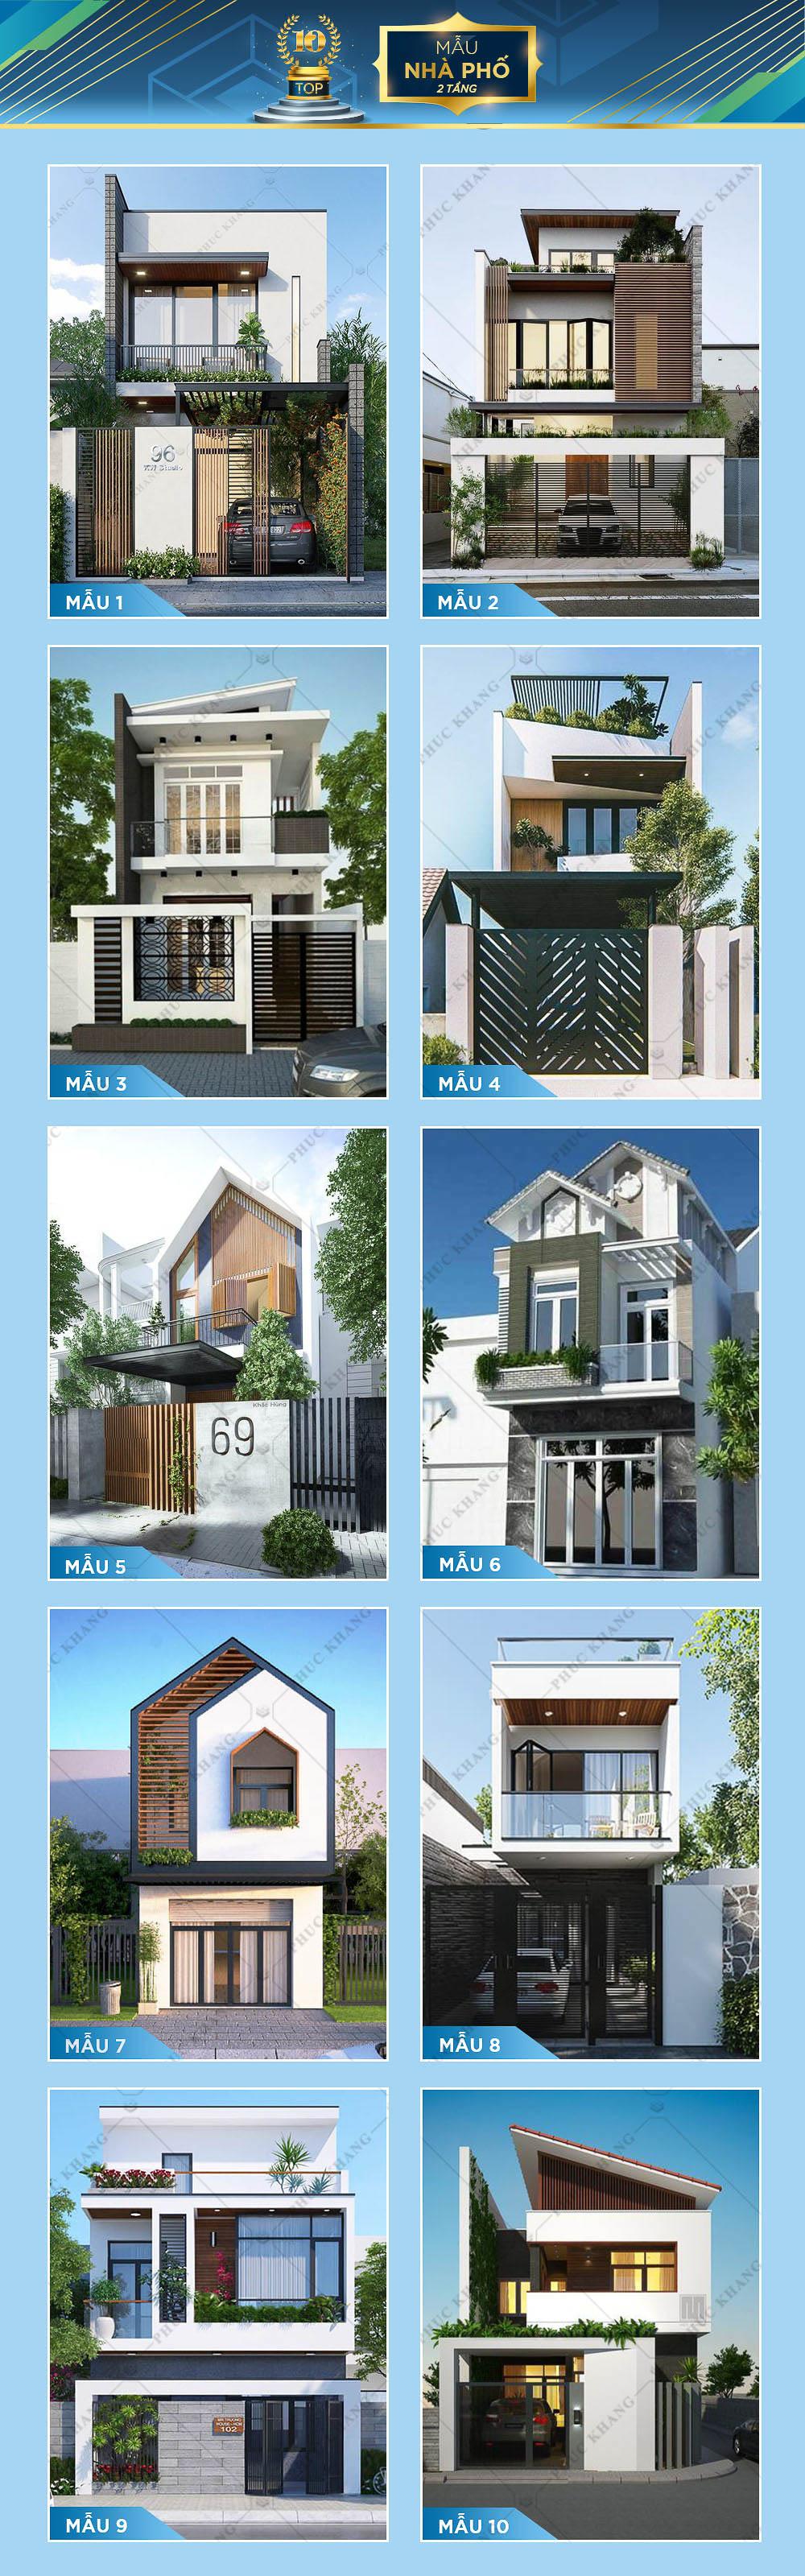 top 10 mẫu thiết kế nhà phố 2 tầng đẹp